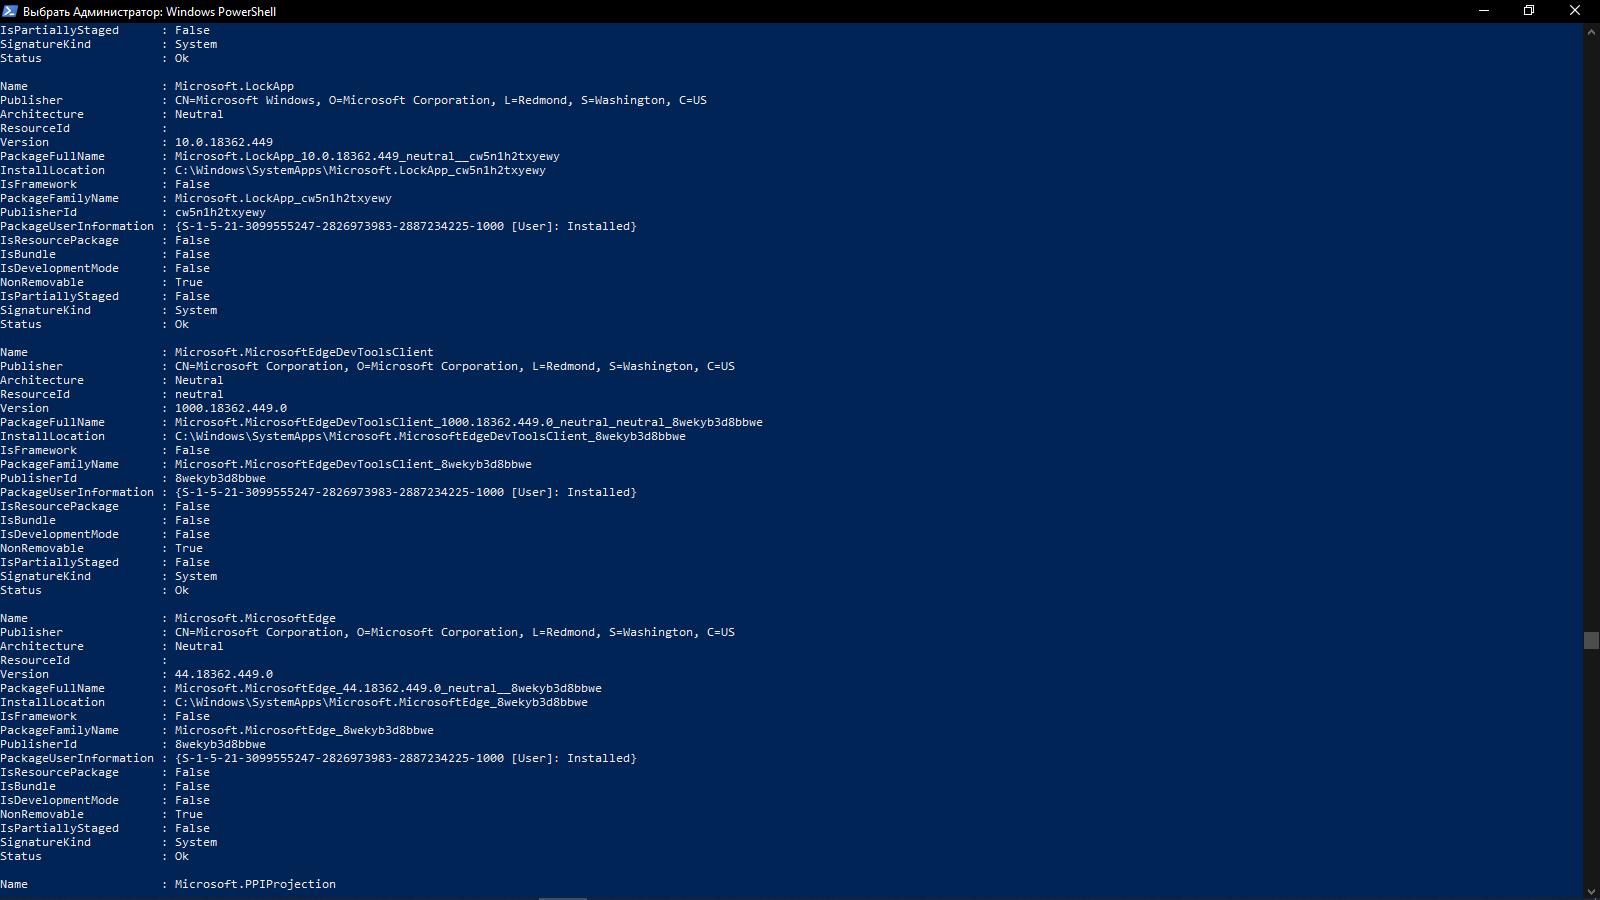 Список предустановленных в ОС Windows 10 приложений в PowerShell